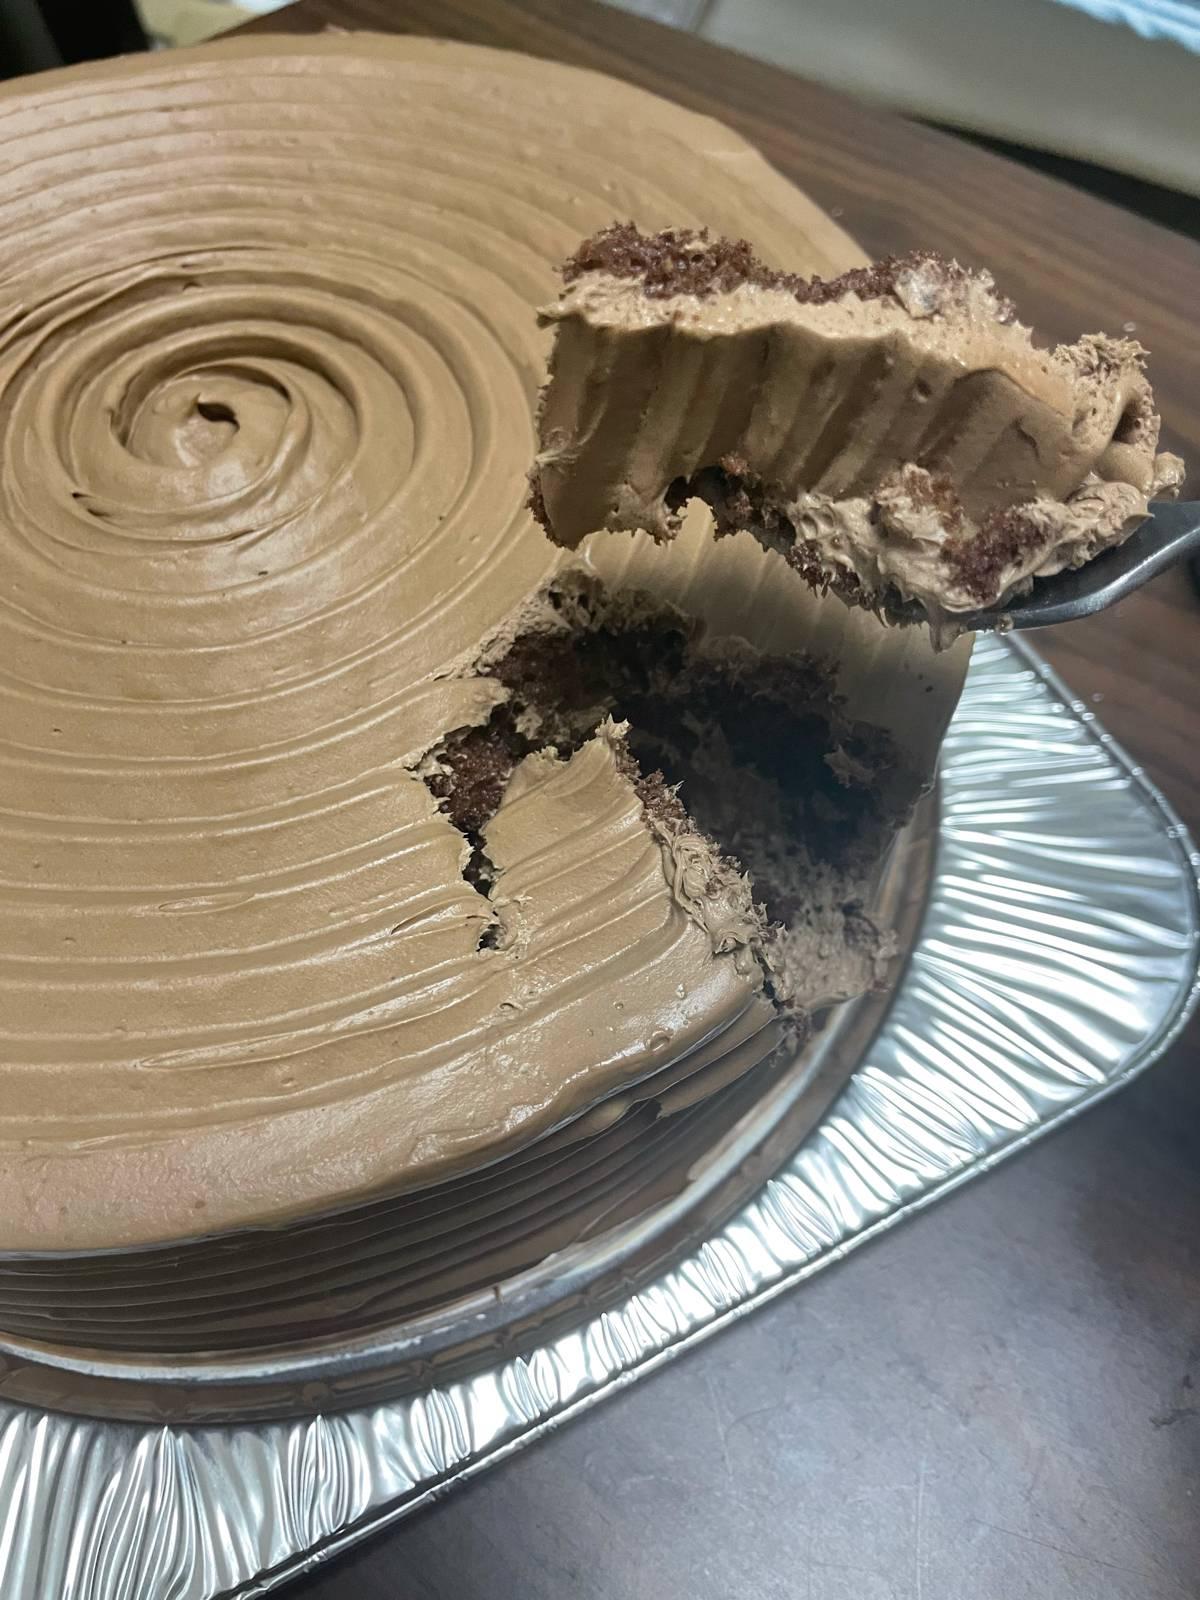 【画像有】でかいケーキ買ったから男一人で食う